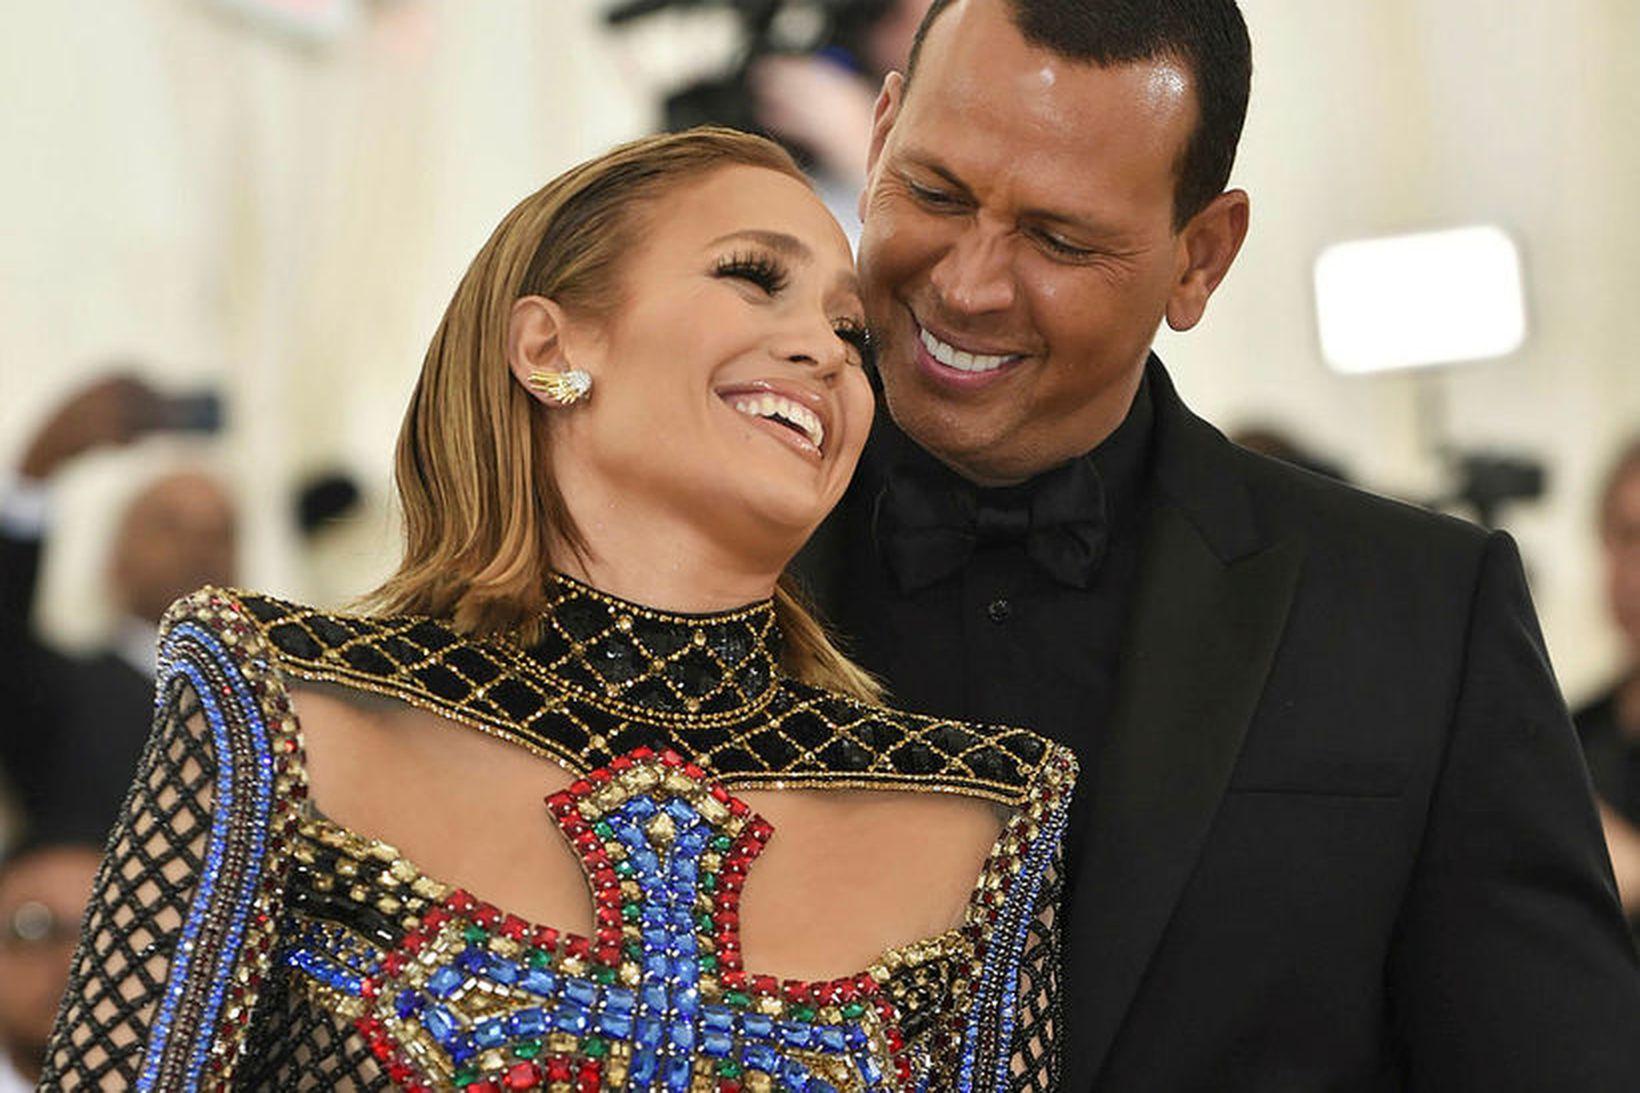 Jennifer Lopez og Alex Rodriguez eiga nóg af peningum.